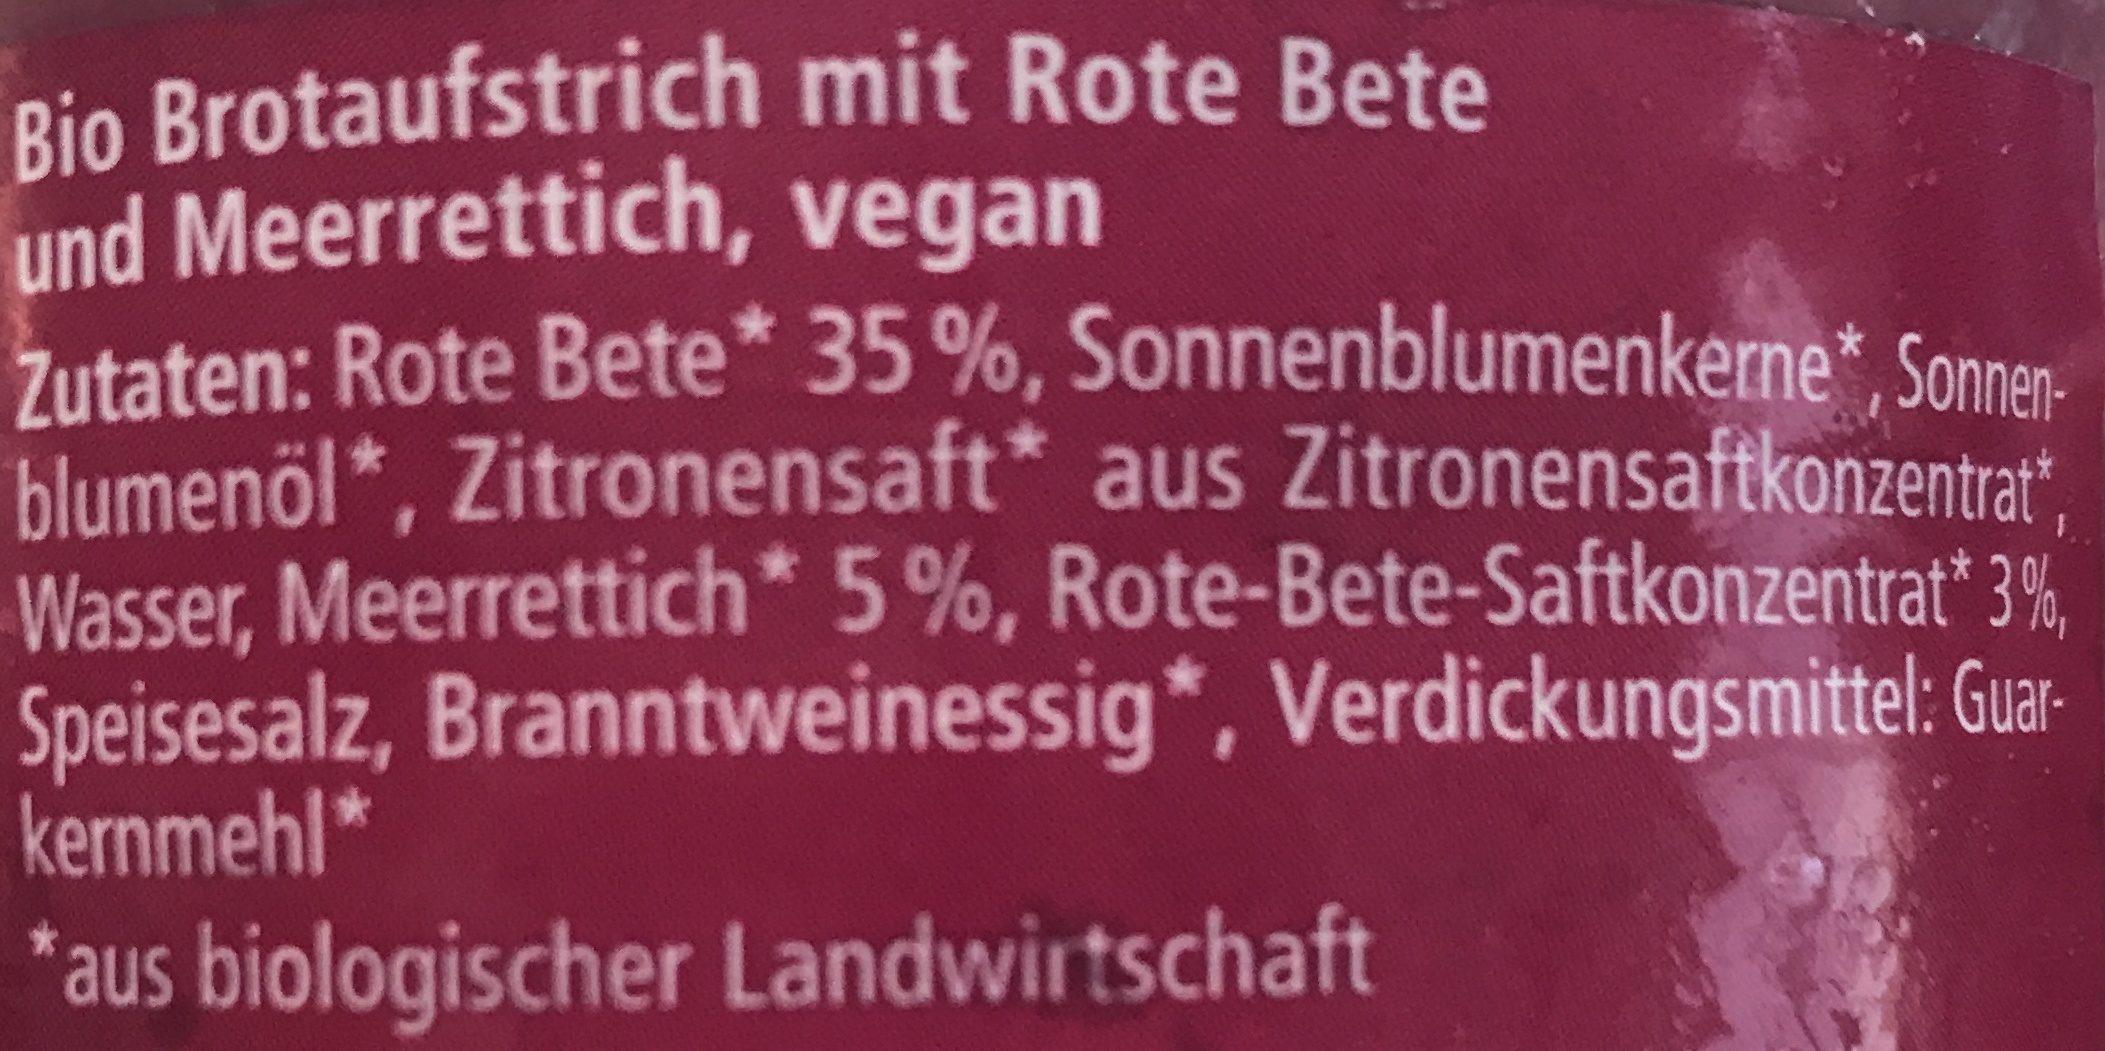 Streichcreme - Rote Beete, Meerrettich - Ingrédients - fr